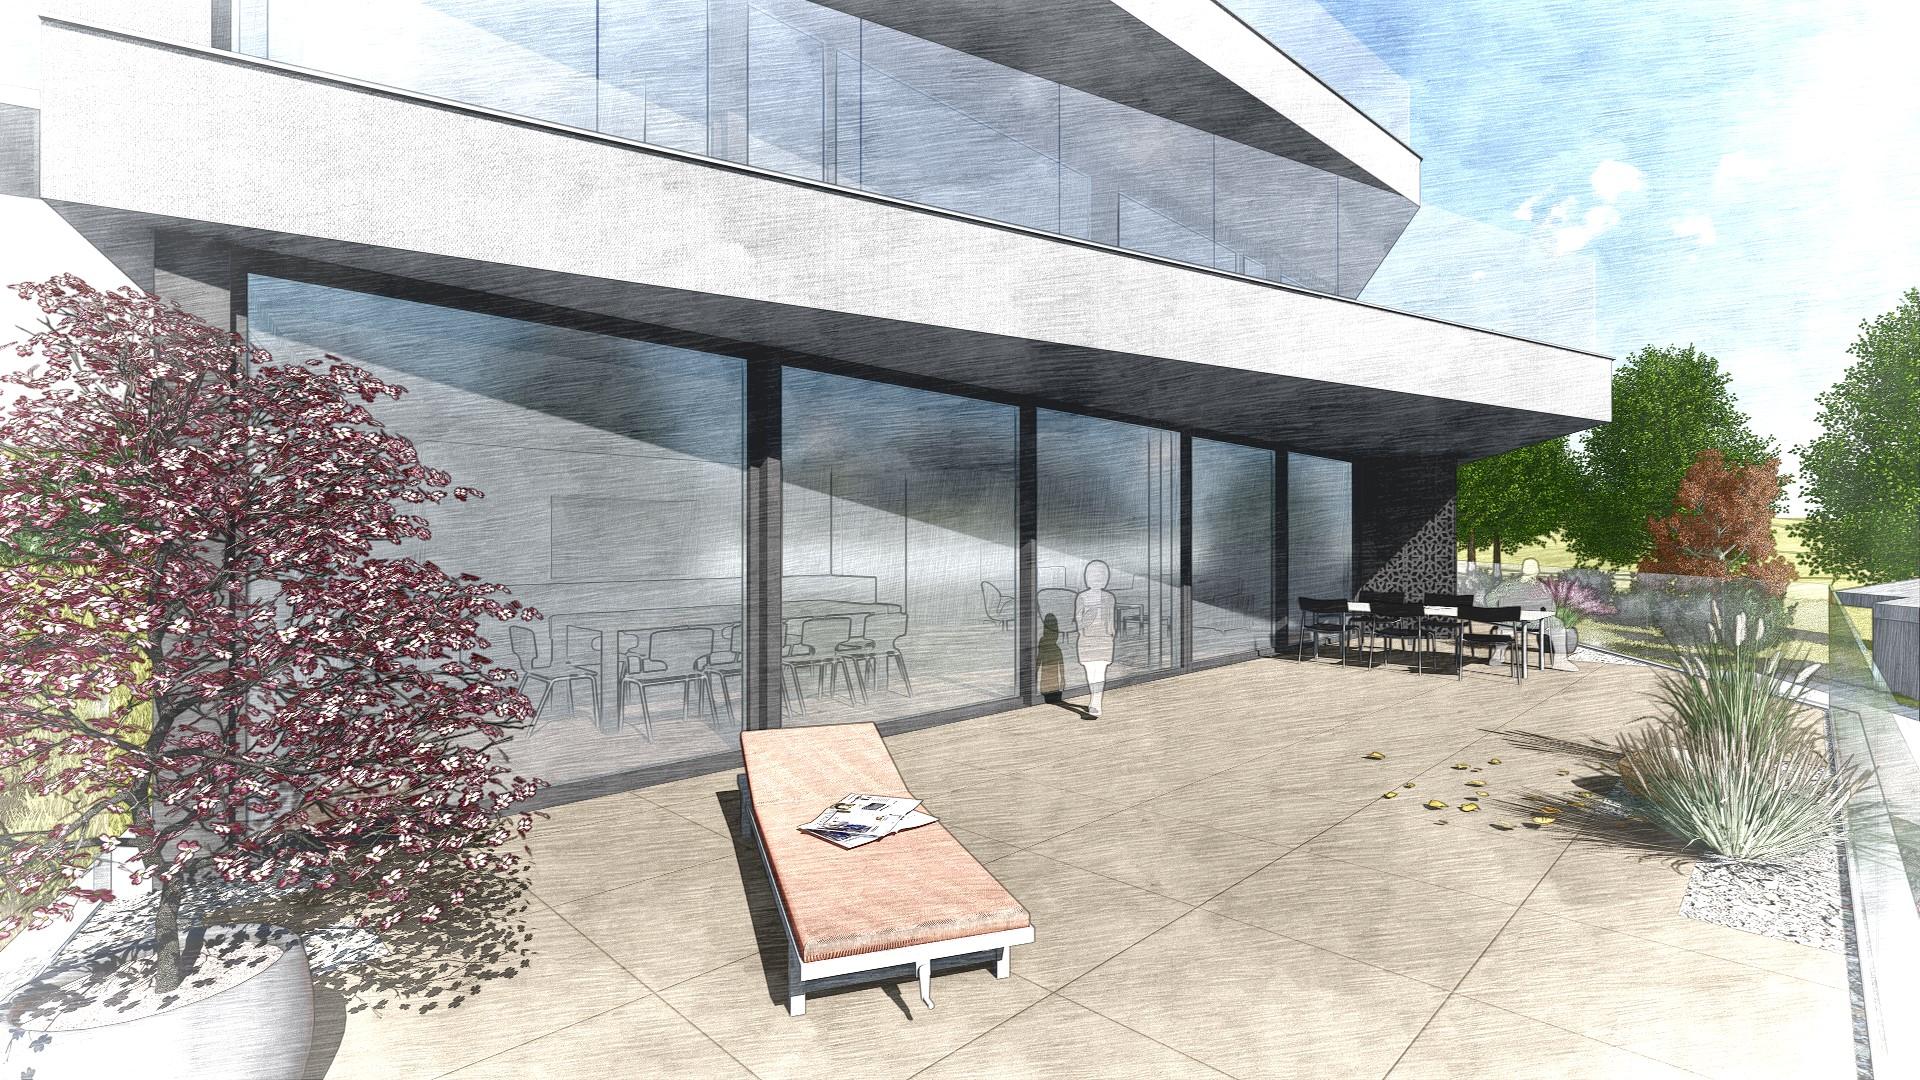 MO-Architektur-Uznach-Linthgebiet-Ostschweiz-Terrassenhaus-Männedorf-Aussenansicht Islerenweg_23